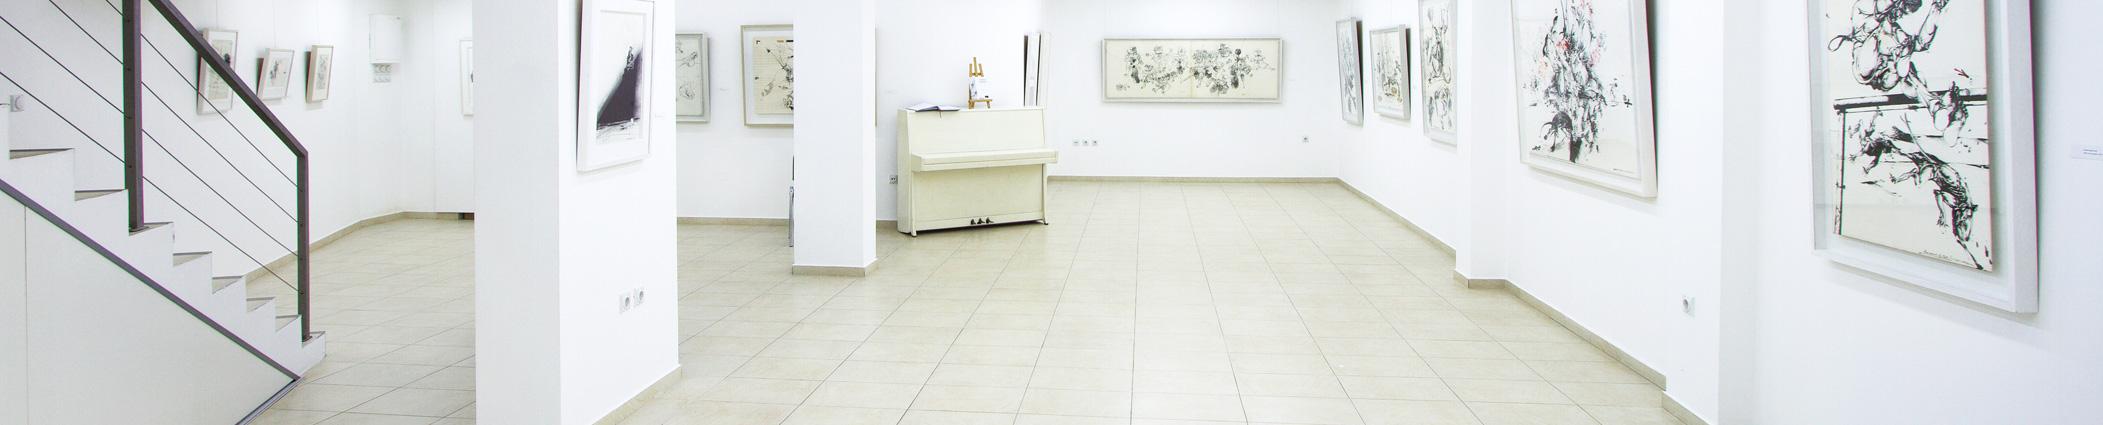 Galerija Nord-3